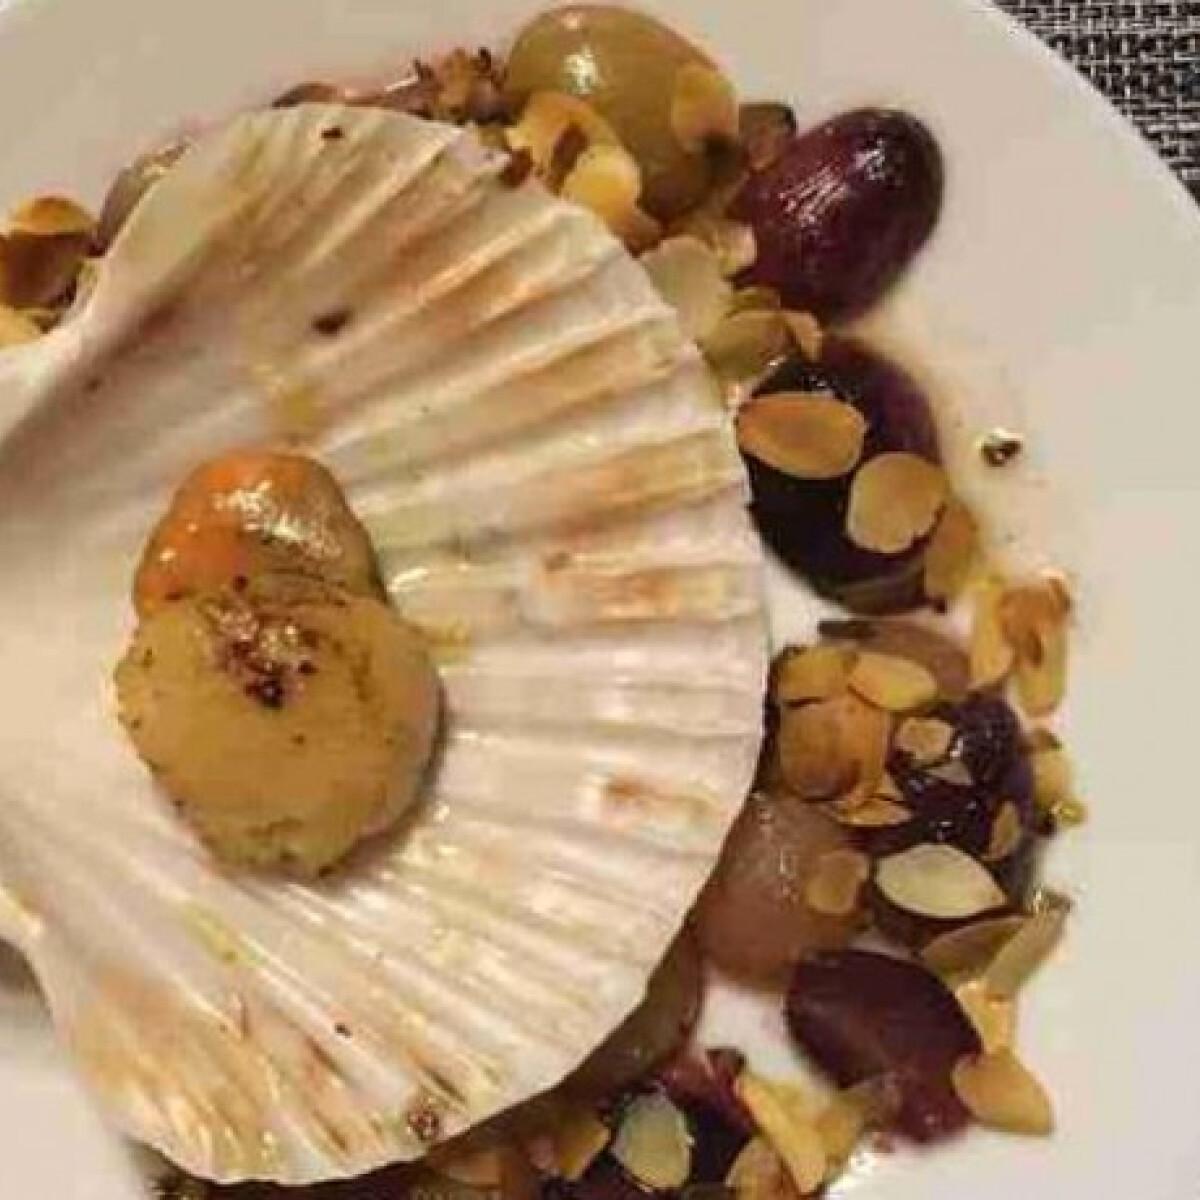 Ezen a képen: Sült kagyló pirított mandulával és szőlővel